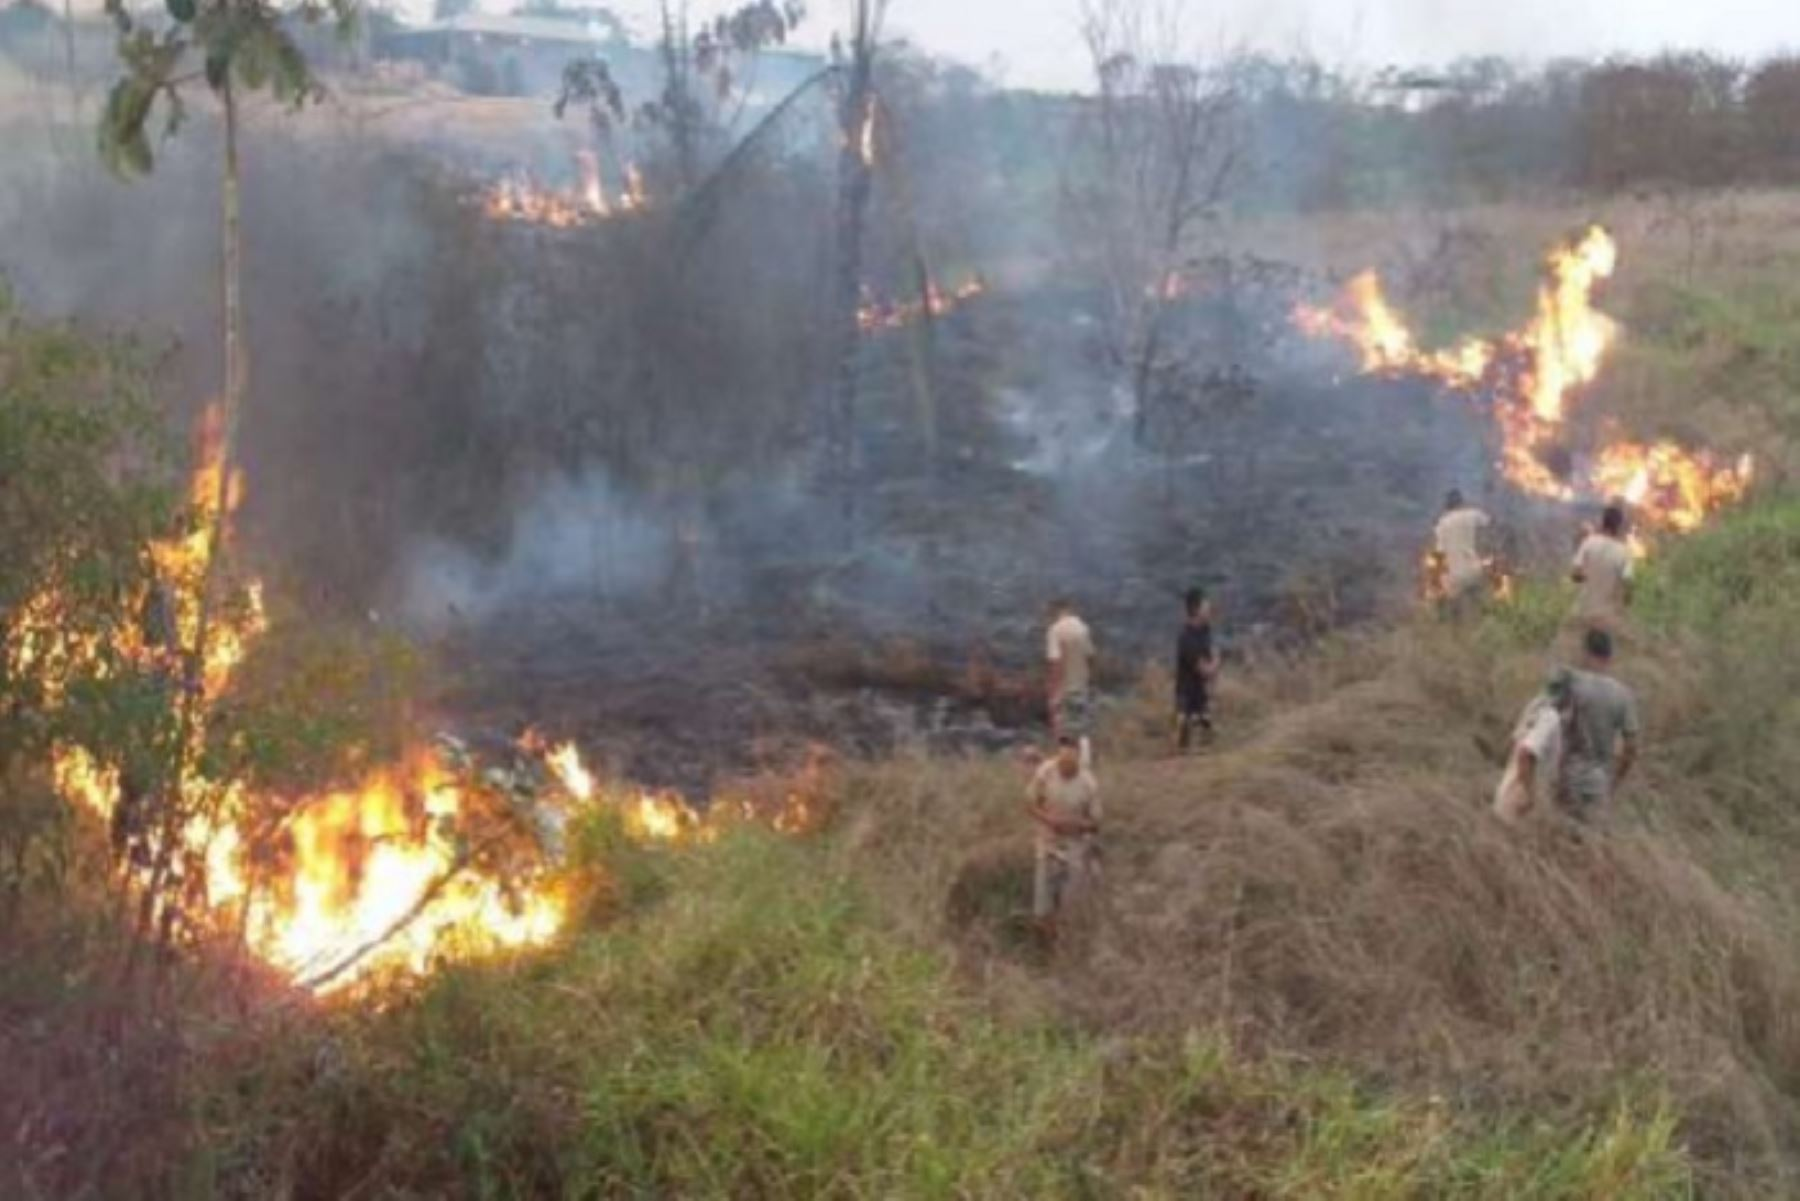 El Gobierno Regional de Madre de Dios evalúa solicitar que se declare en emergencia la provincia de Tahuamanu, donde se genera la mayoría de incendios forestales, a fin de contar con el equipamiento adecuado para los bomberos e infraestructura, precisó el gobernador regional, Luis Hidalgo.ANDINA/Difusión